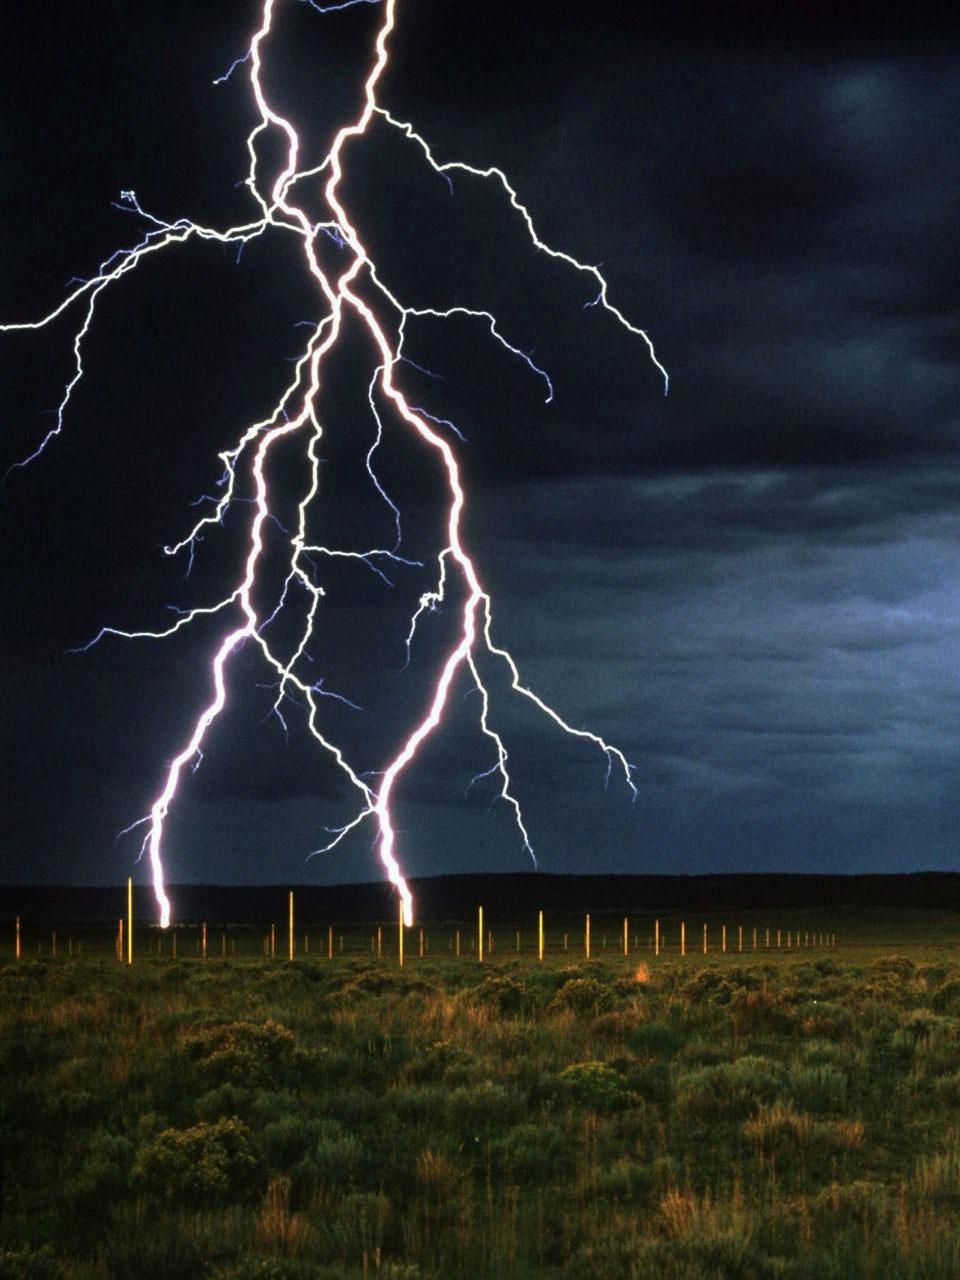 Kỳ lạ cánh đồng 1 km2 dành cho du khách xem sét đánh sáng trời ở Mỹ - Ảnh 6.